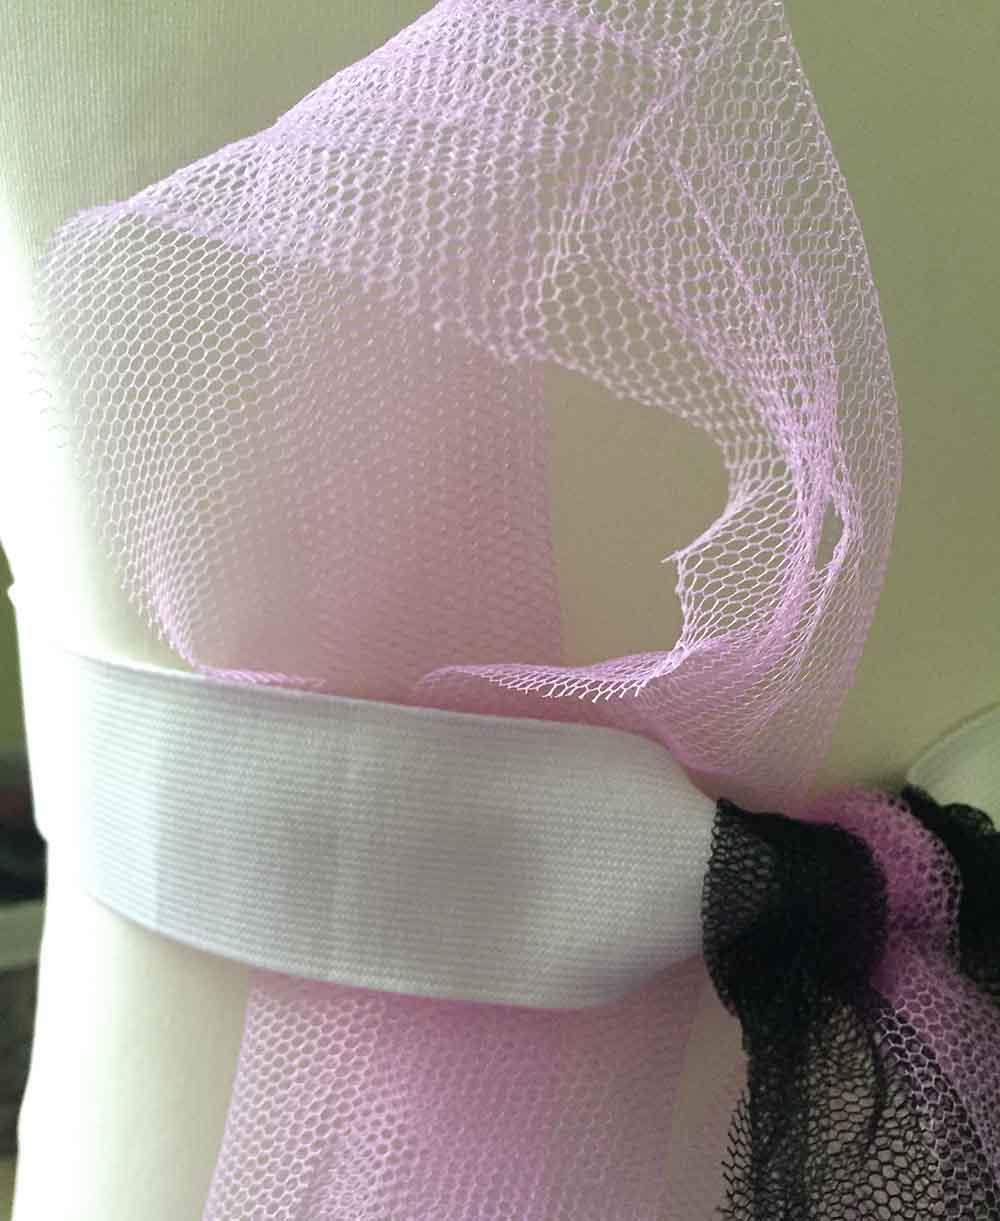 Fold each strip of dress net in half